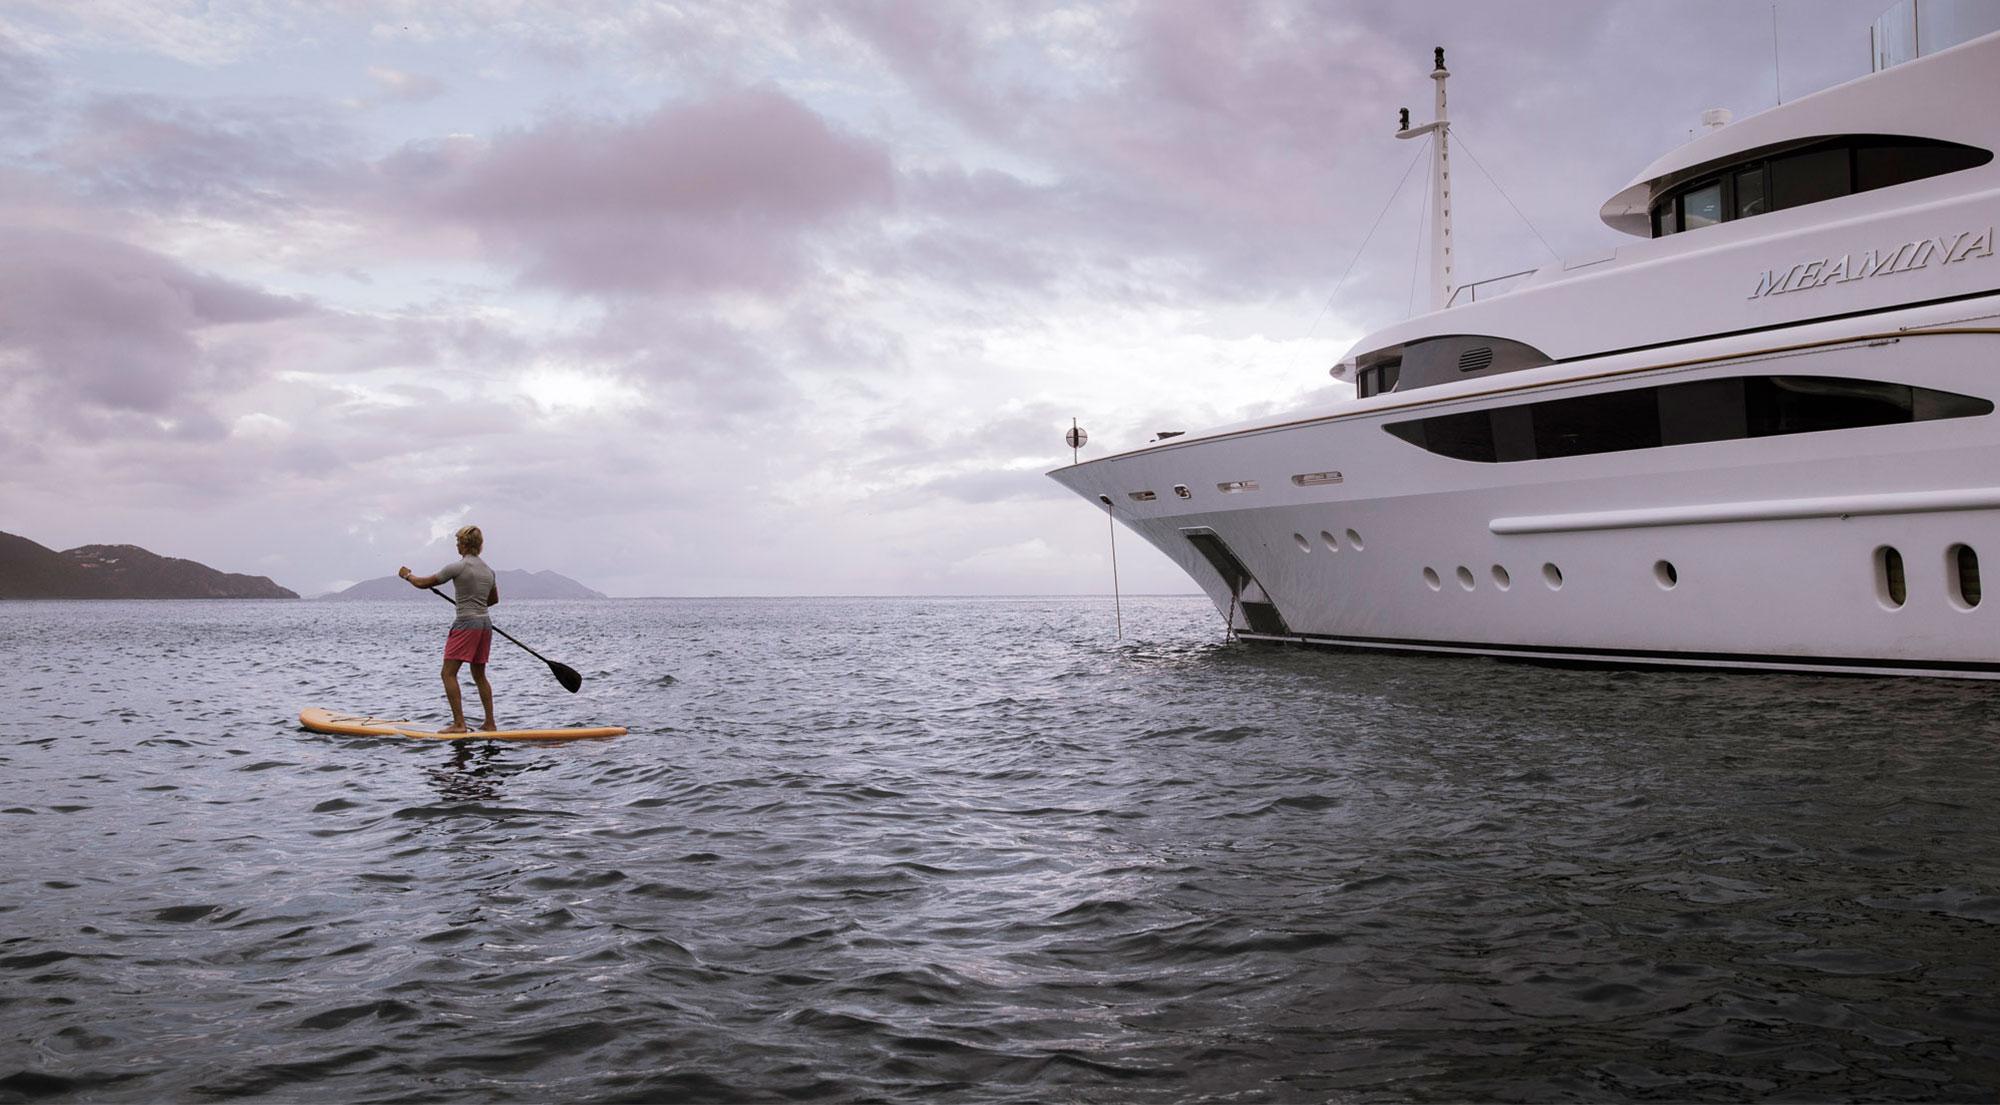 Alquiler de yates en Anacortes. Alquiler de barcos en Anacortes. Barcos baratos de alquiler en Anacortes